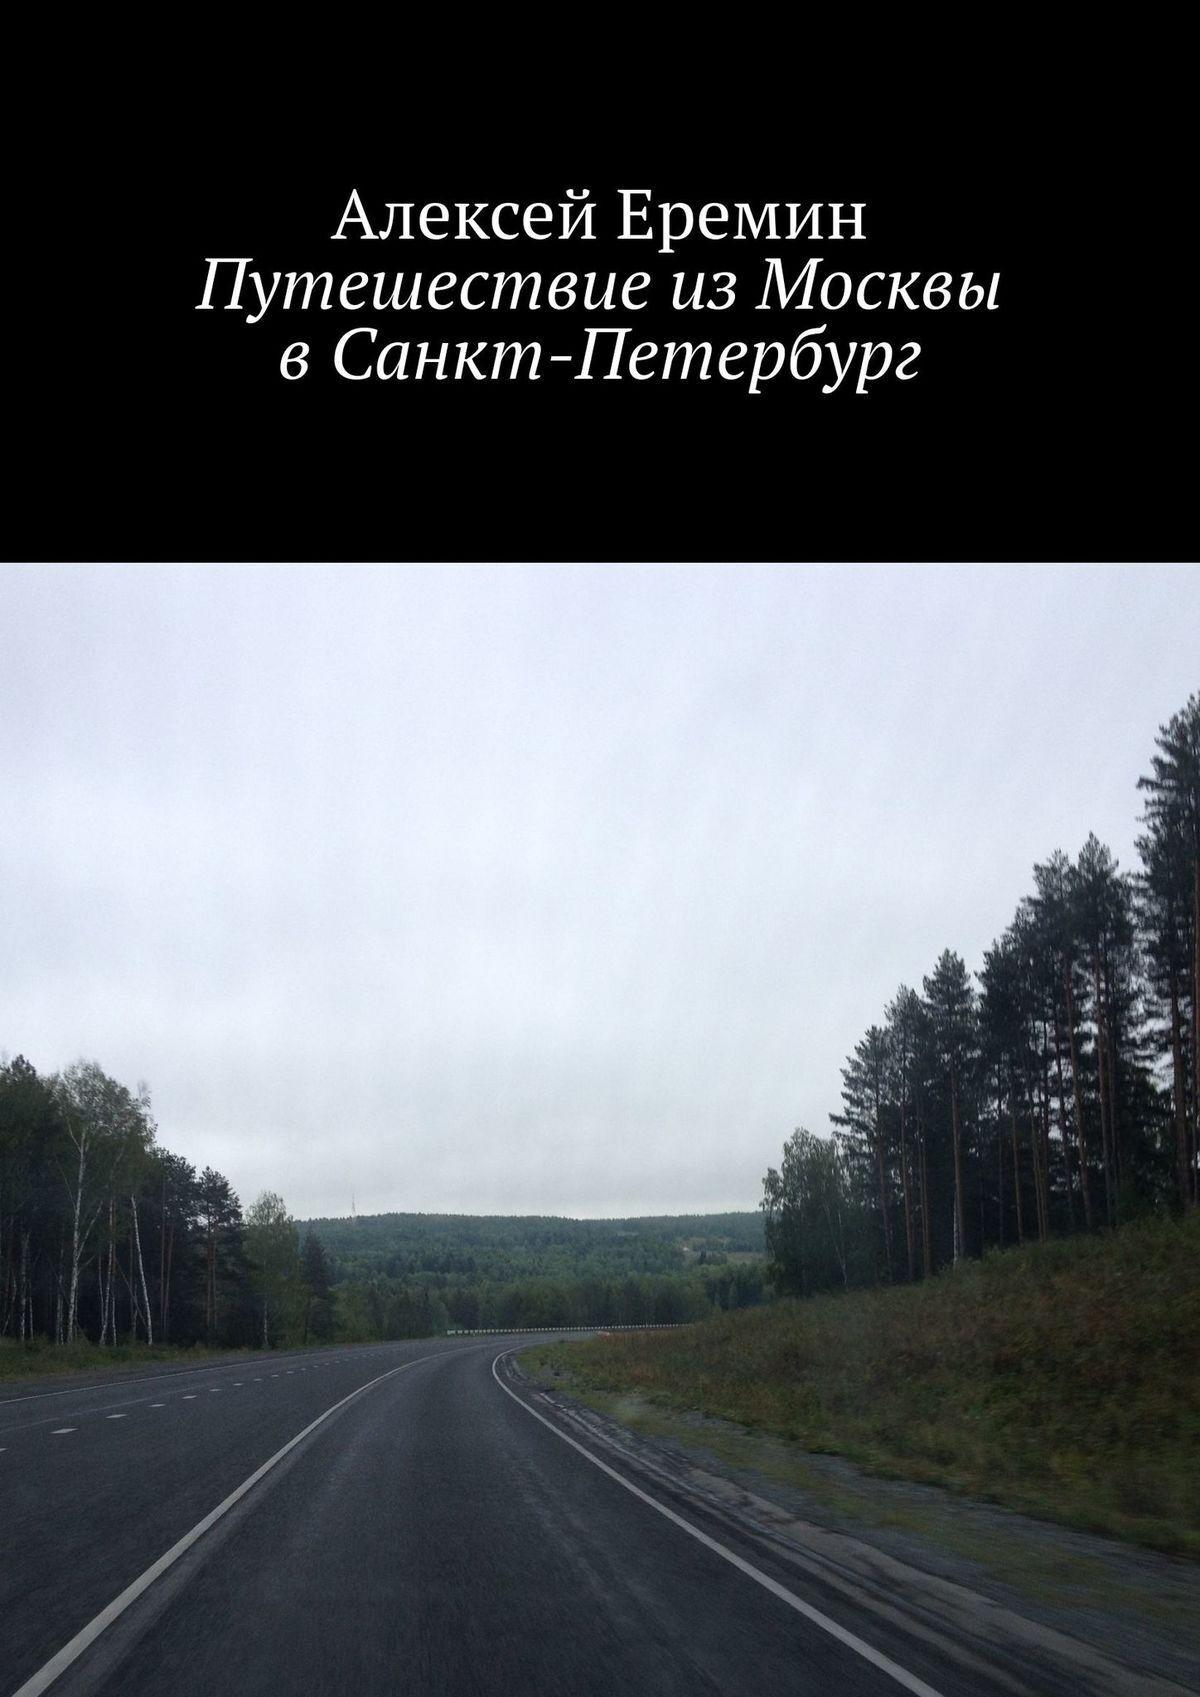 Алексей Еремин Путешествие из Москвы в Санкт-Петербург авиабилеты в хорватию из москвы